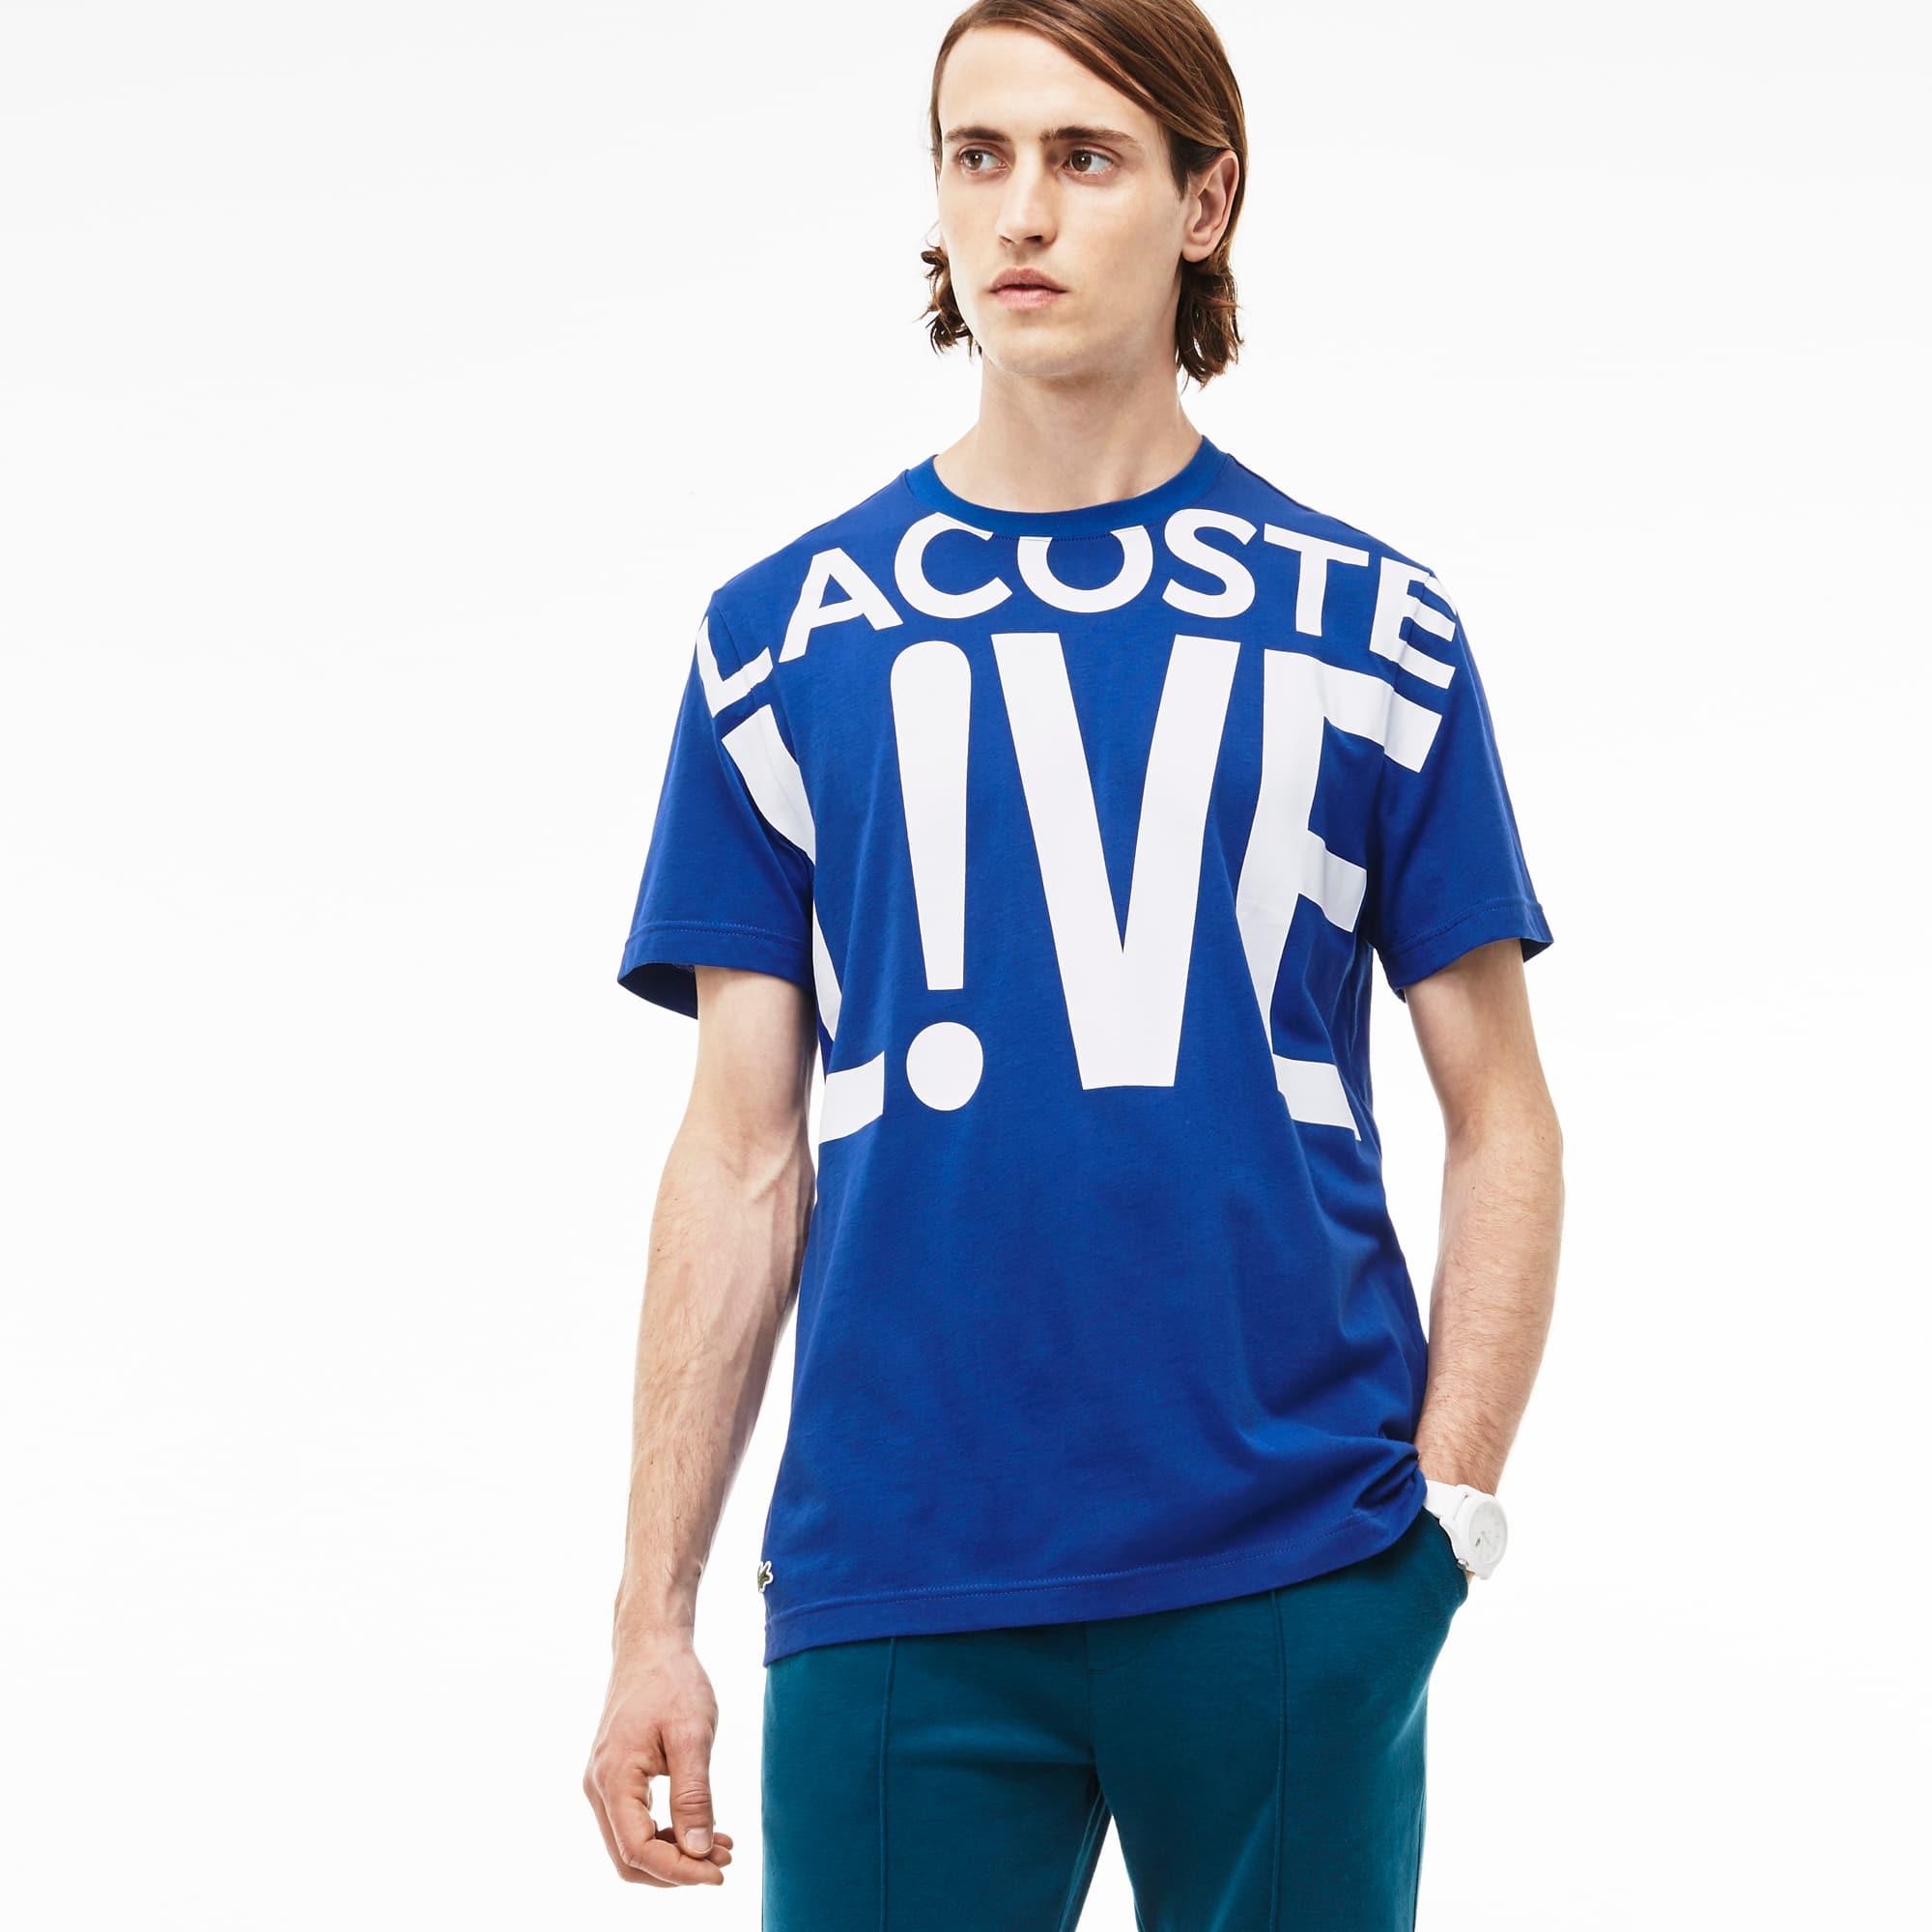 T-shirt Lacoste LIVE girocollo di taglio ultra-aderente con stampa Lacoste Live